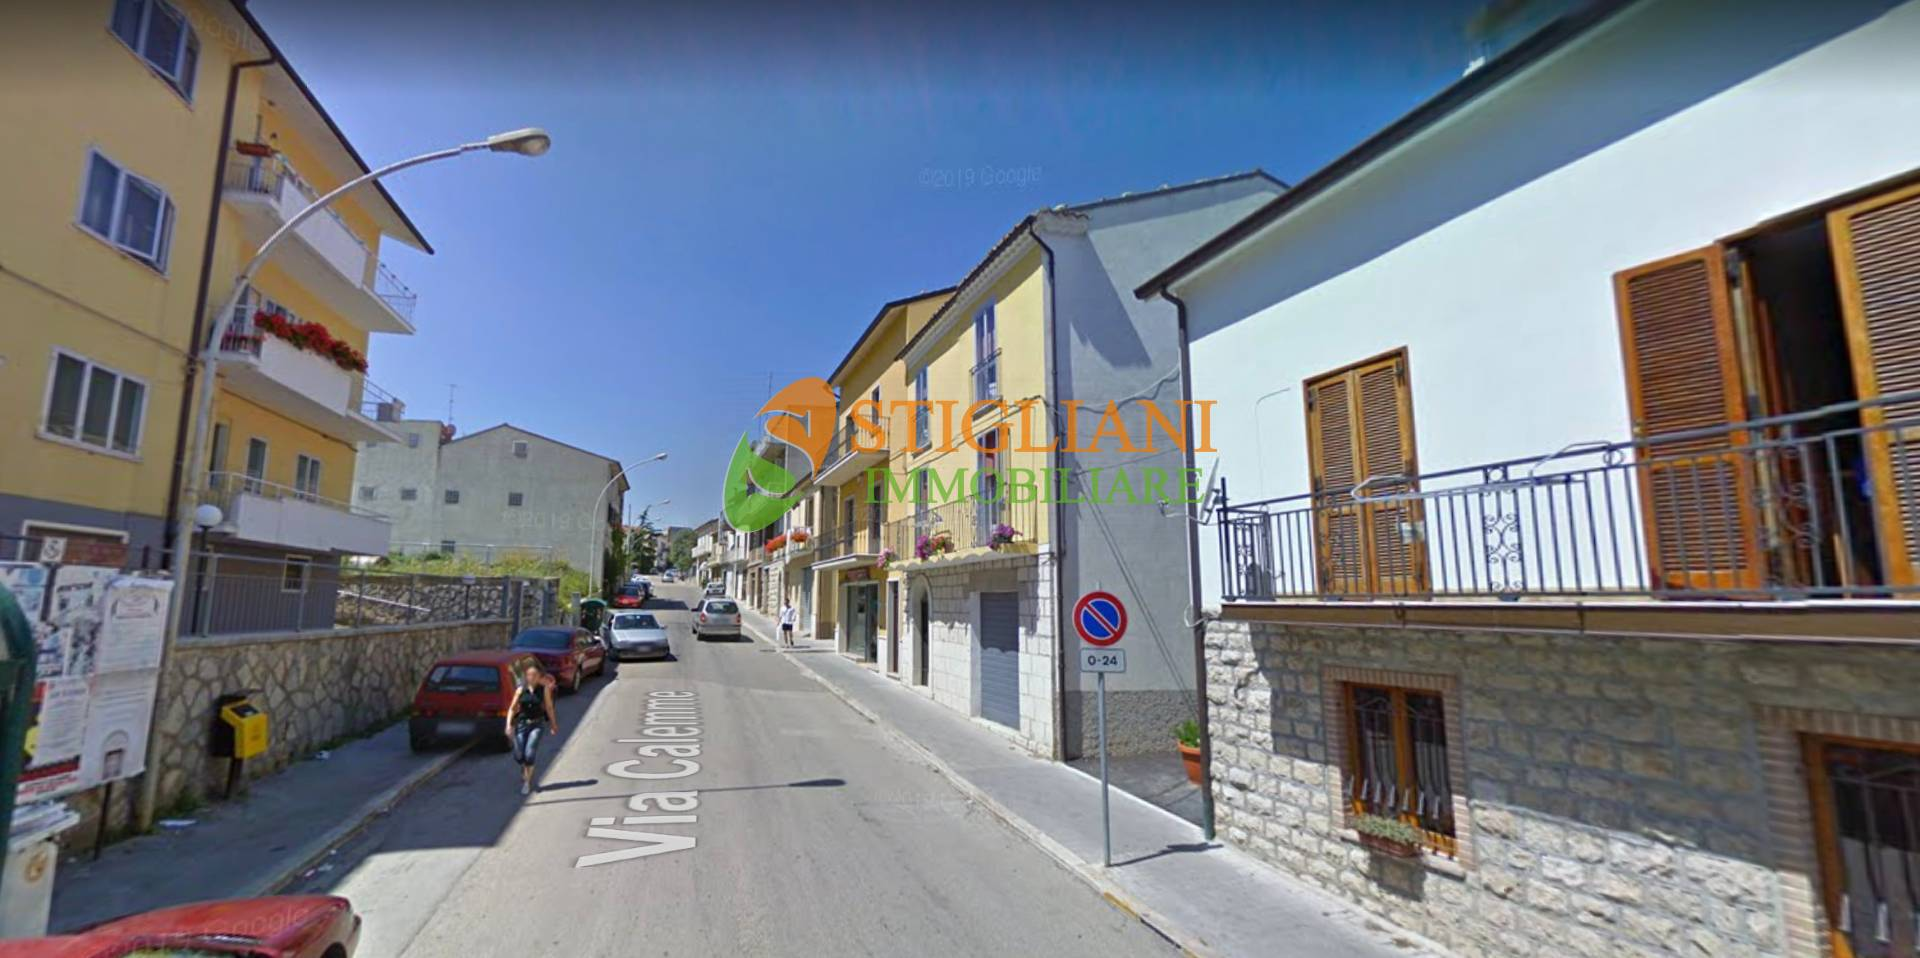 Soluzione Indipendente in vendita a Riccia, 9 locali, zona Località: ViaCalemme, prezzo € 90.000 | CambioCasa.it